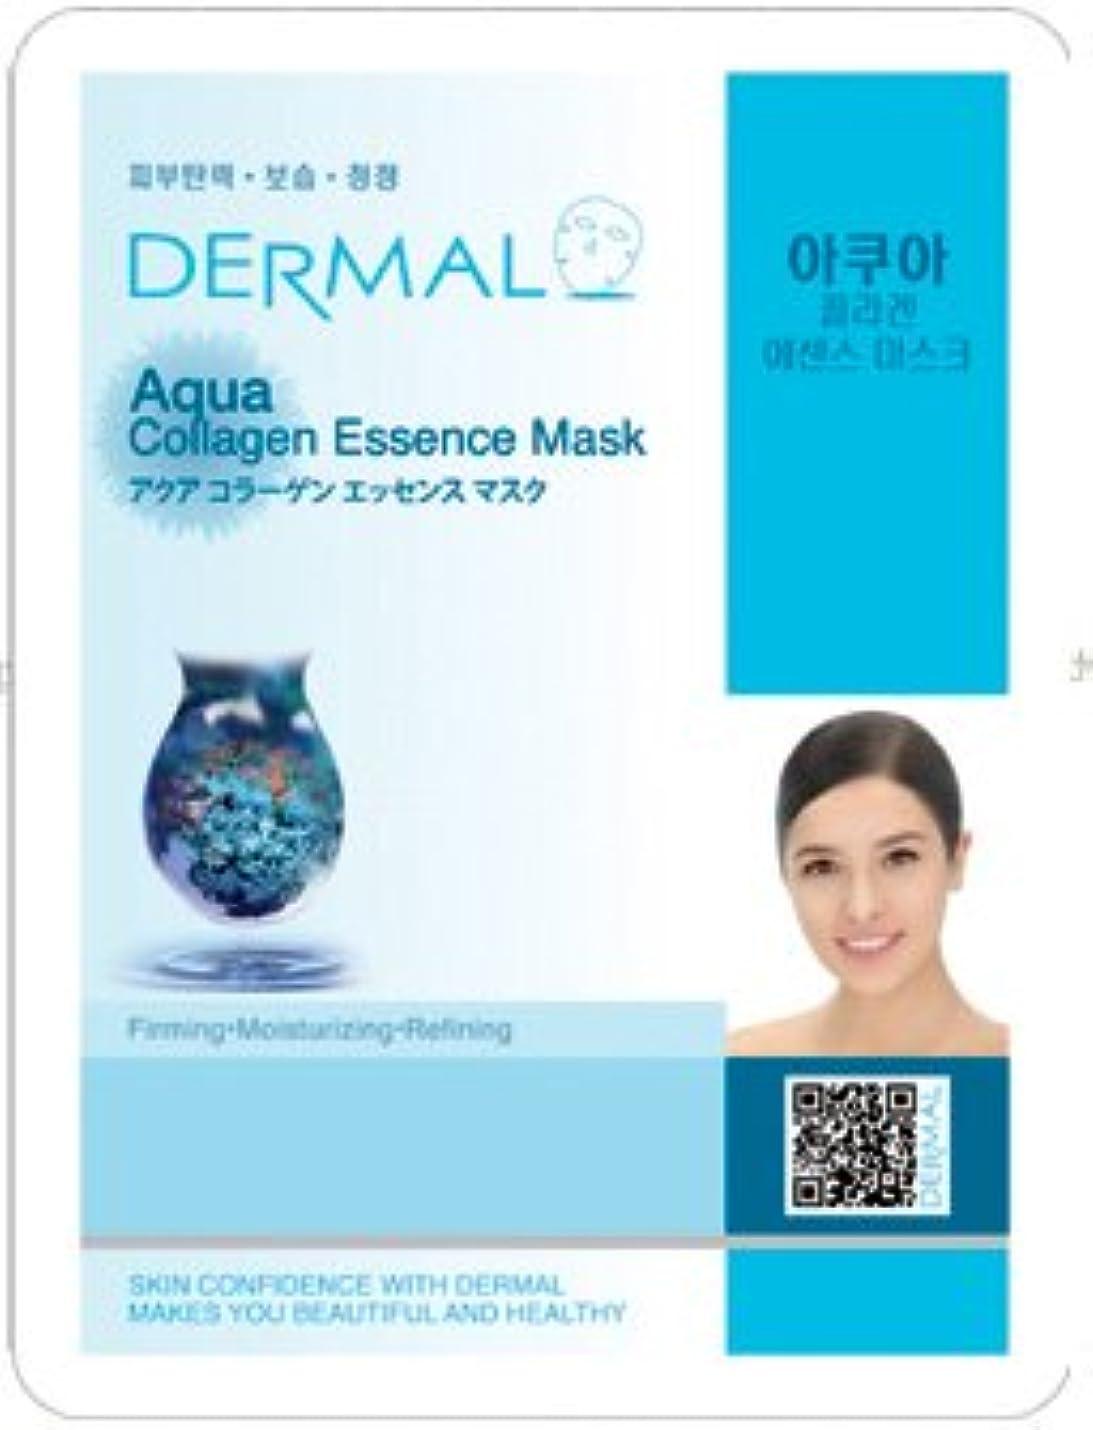 アパルあなたのものアパルシート マスク アクア ダーマル Dermal 23g (10枚セット) フェイス パック